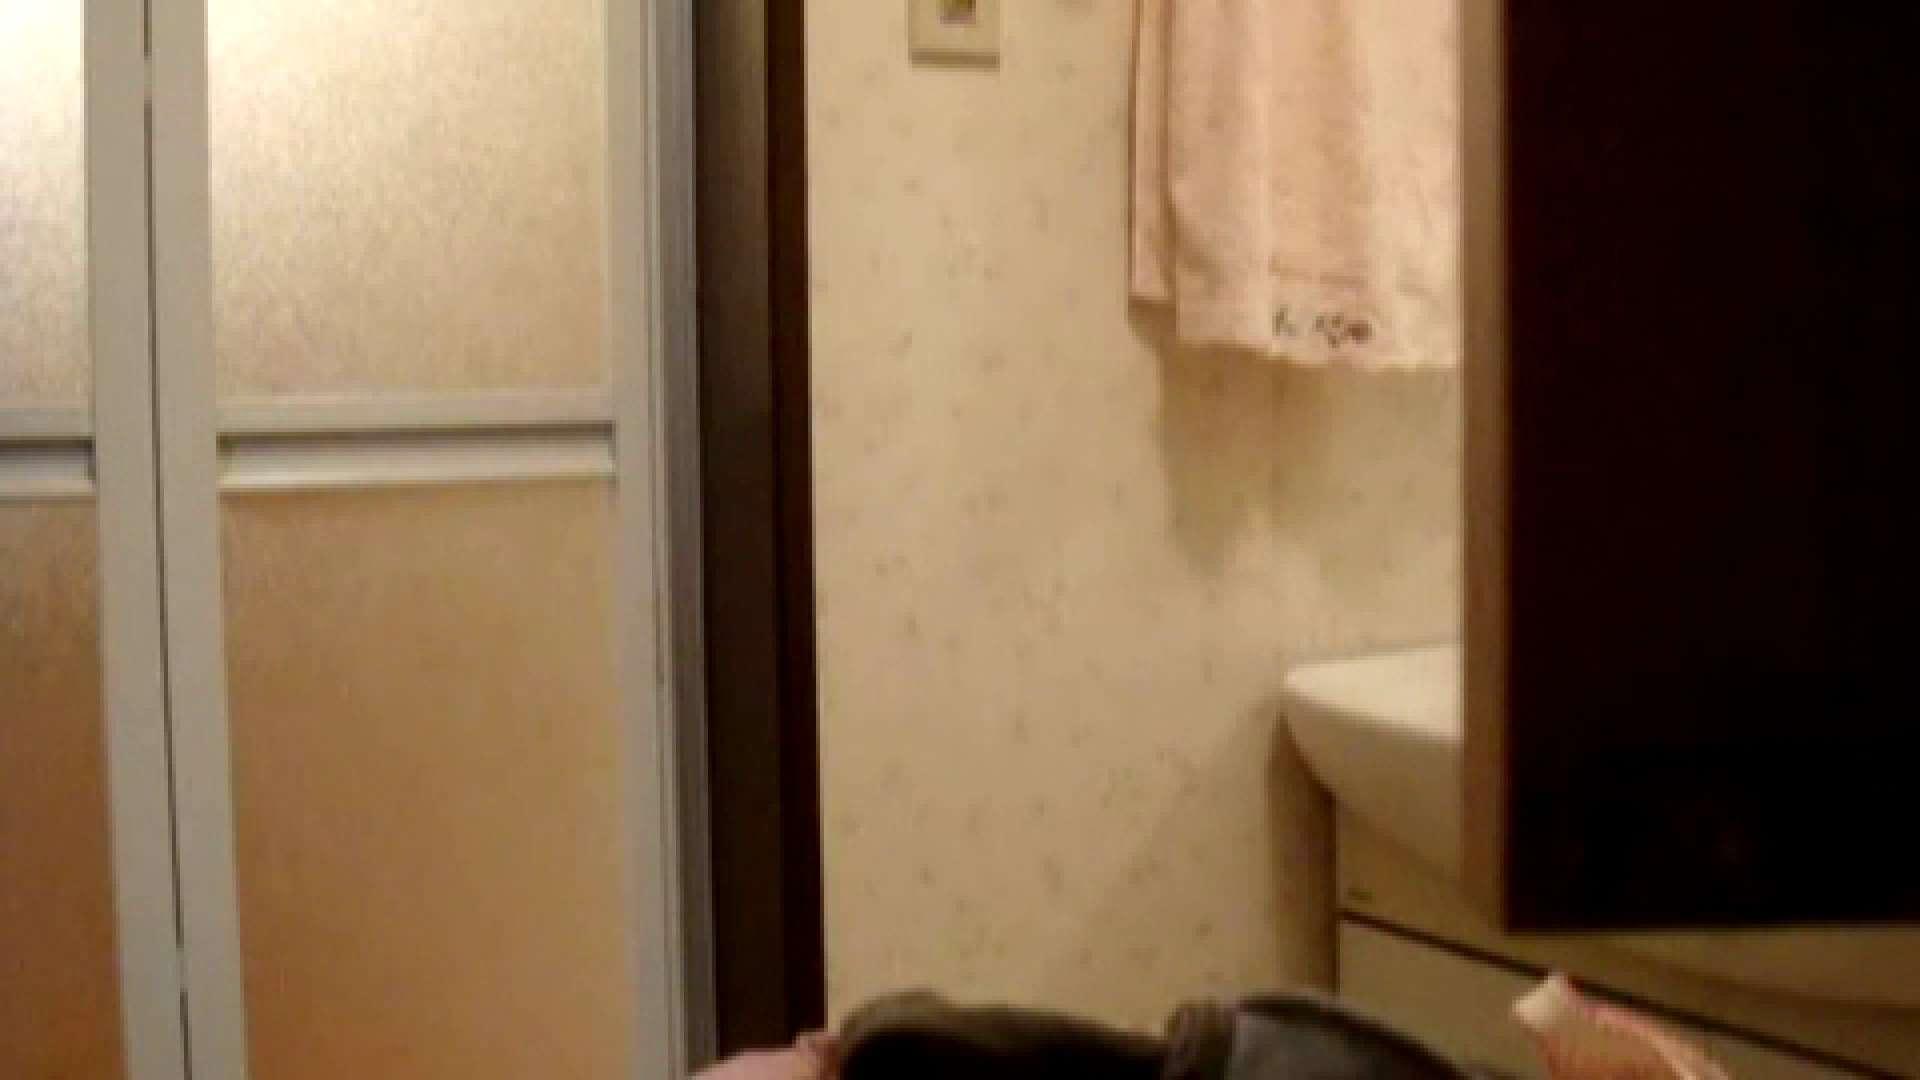 vol.8 まどかの入浴、完全にバレたと思いました。 OL   入浴シーン  76連発 37